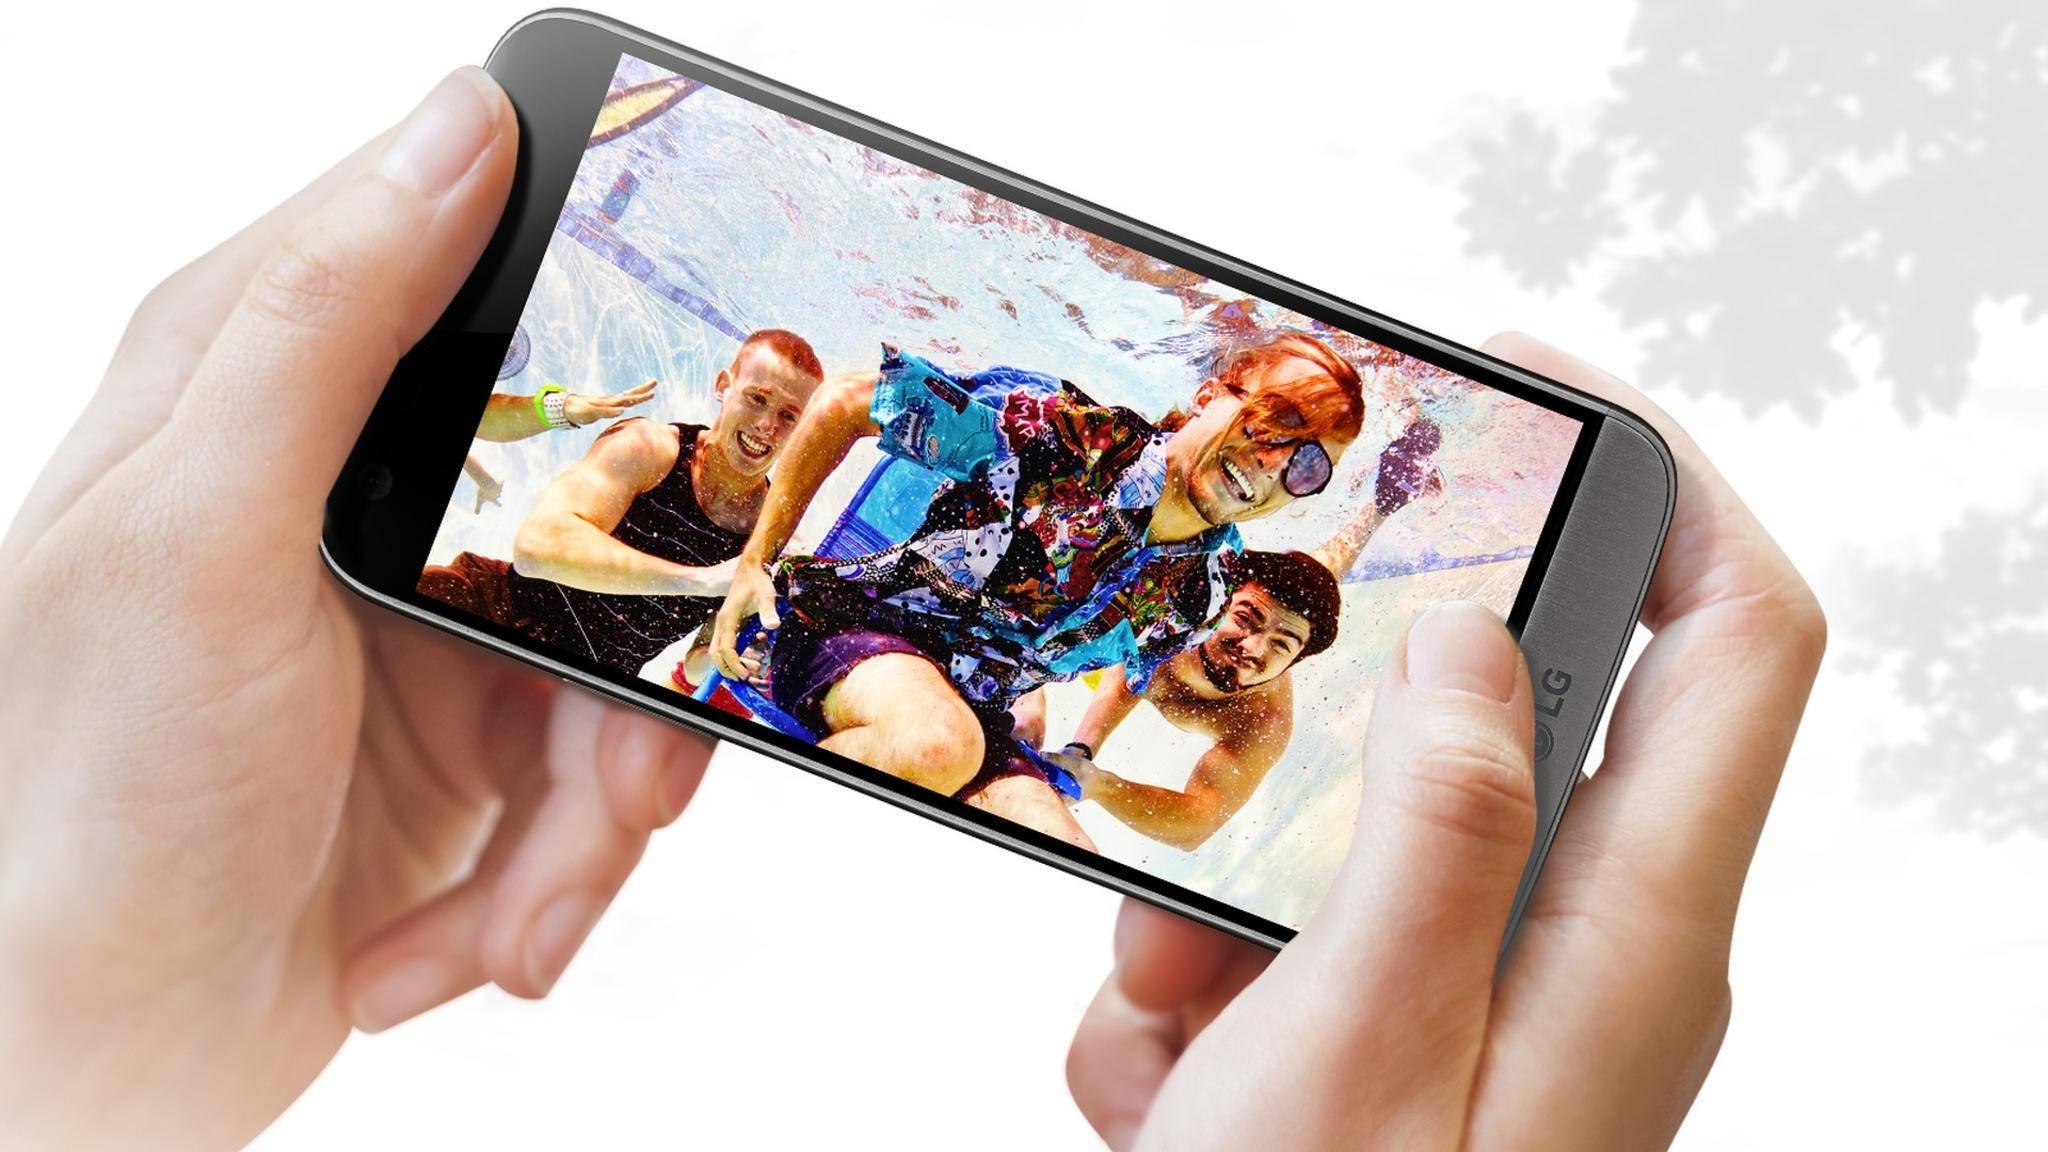 Das LG G5: Der Nachfolger LG G6 wird auf dem MWC 2017 präsentiert.